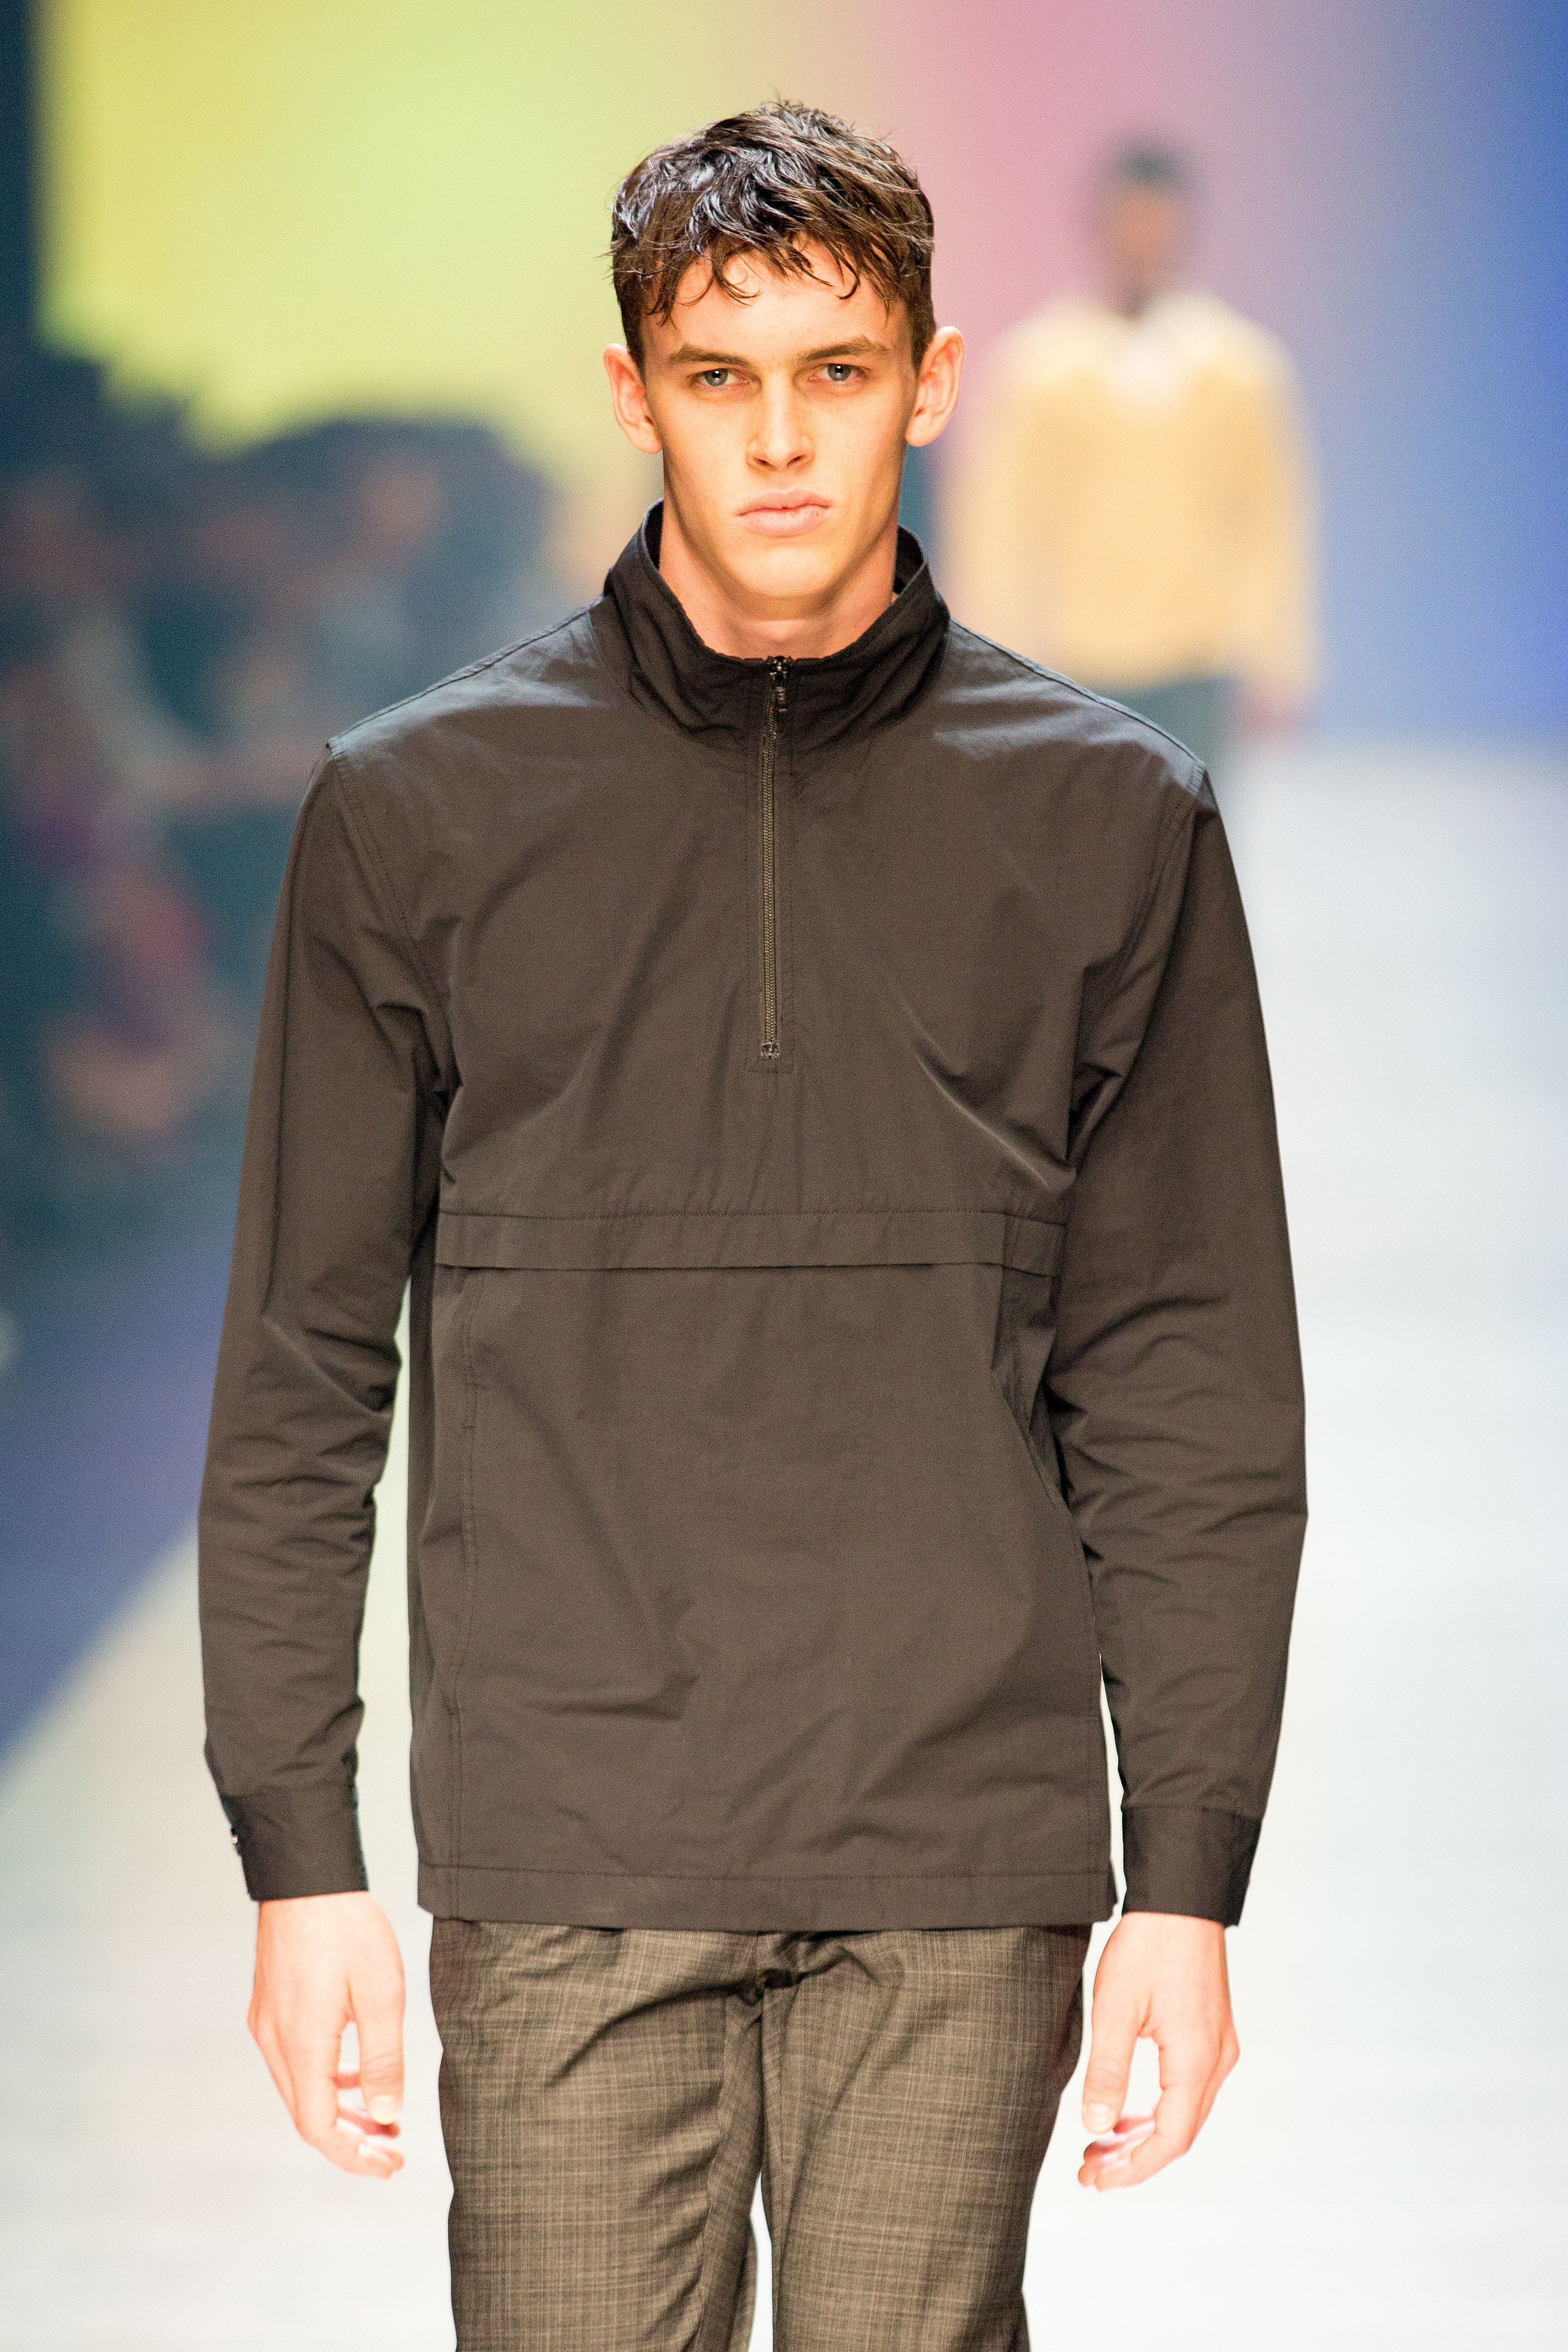 VAMFF2019_GQ Menswear-143.jpg